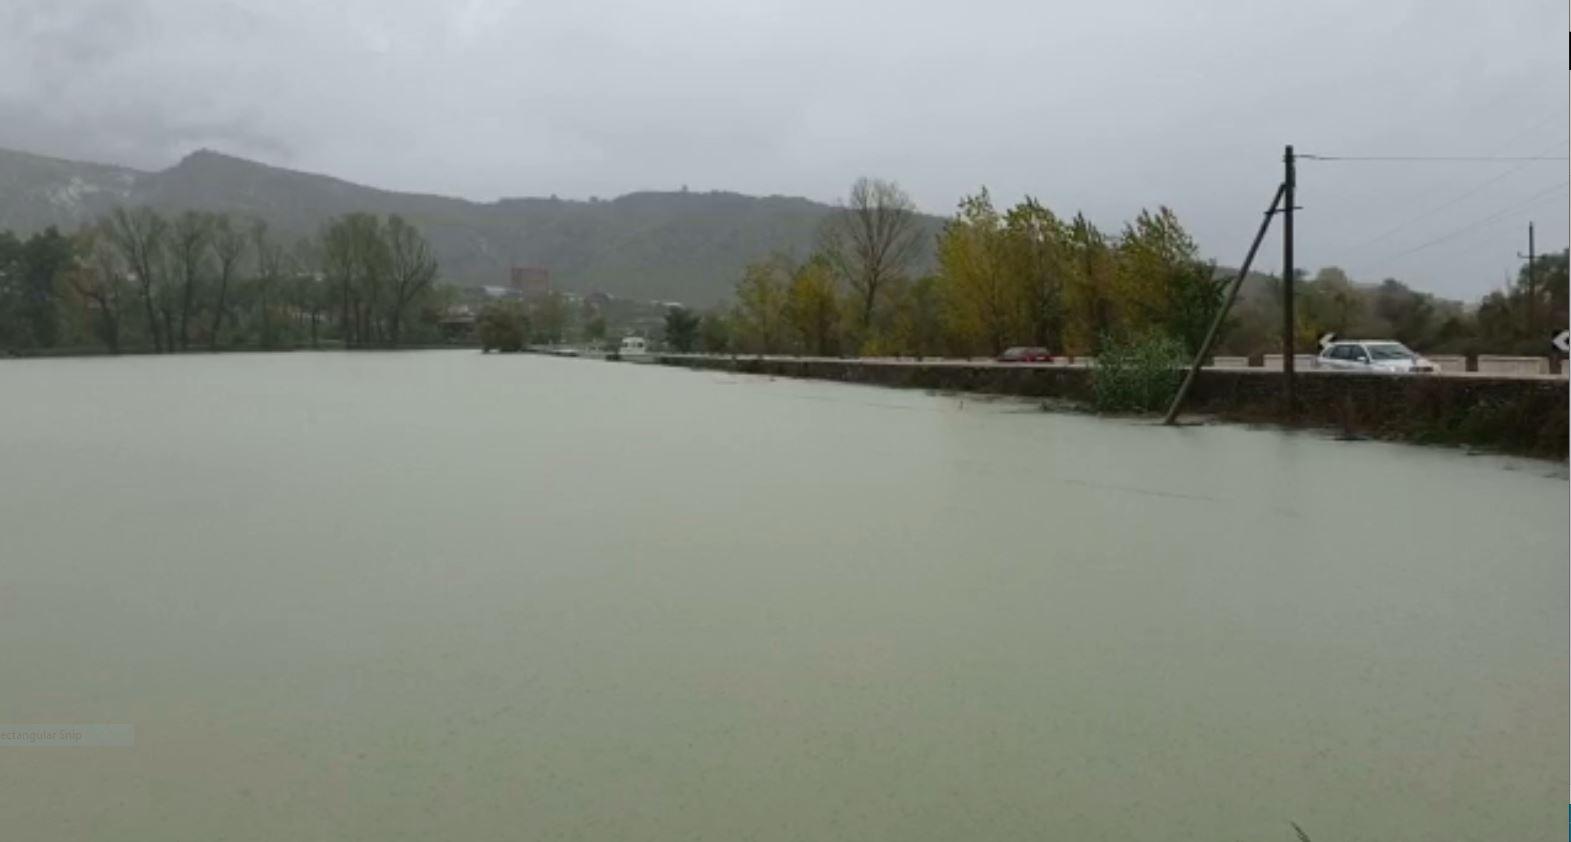 Reshjet e shiut, probleme në Gjirokastër, Durrës dhe Vlorë